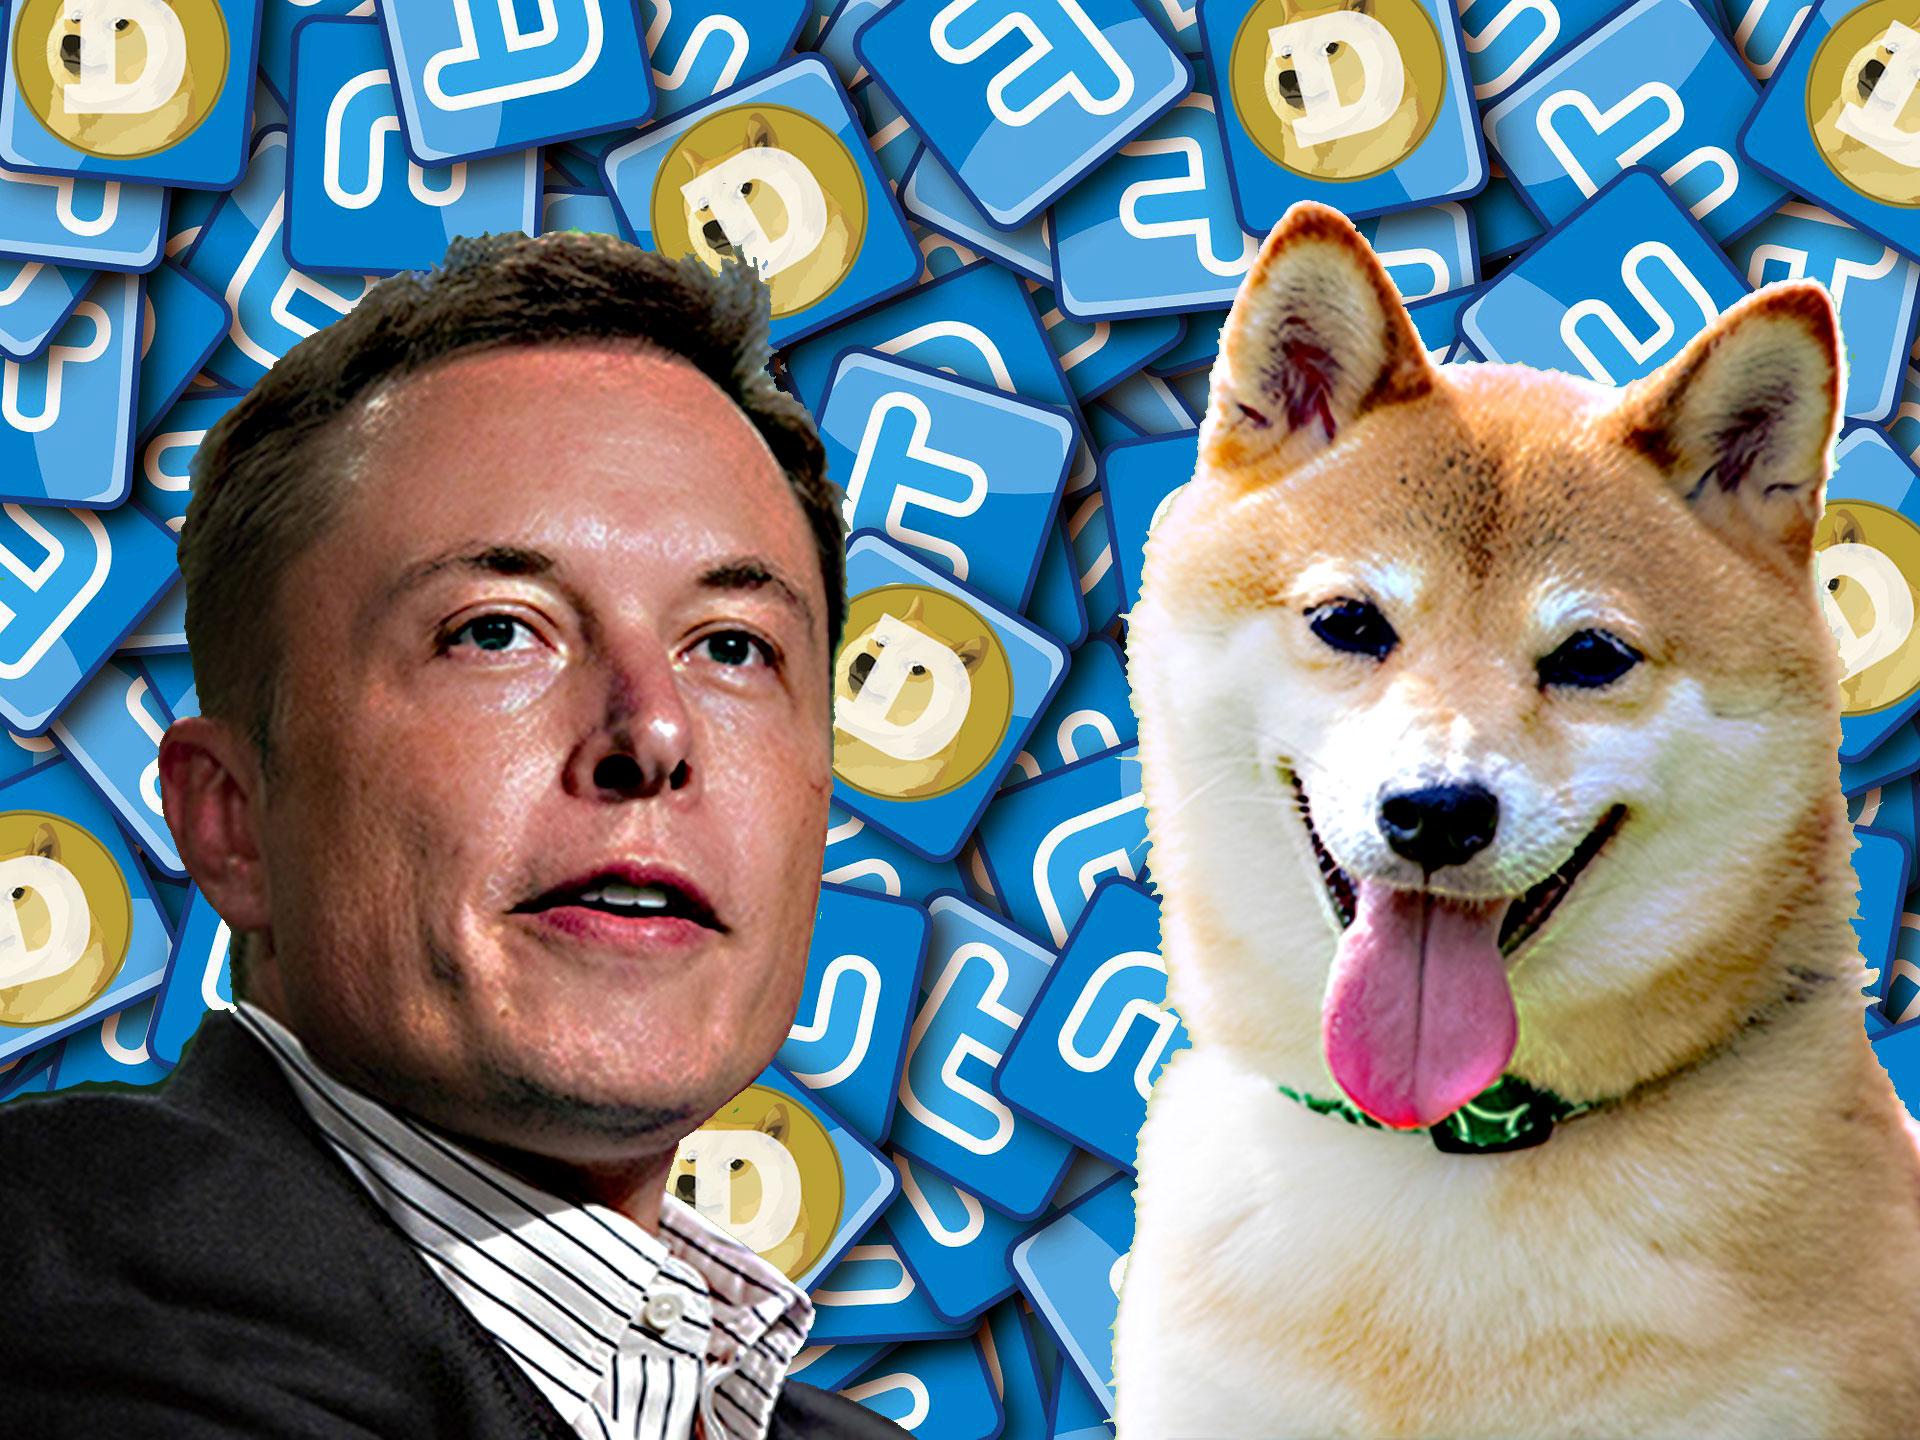 イーロン マスク氏、再び「仮想通貨Dogecoin」についてツイート!